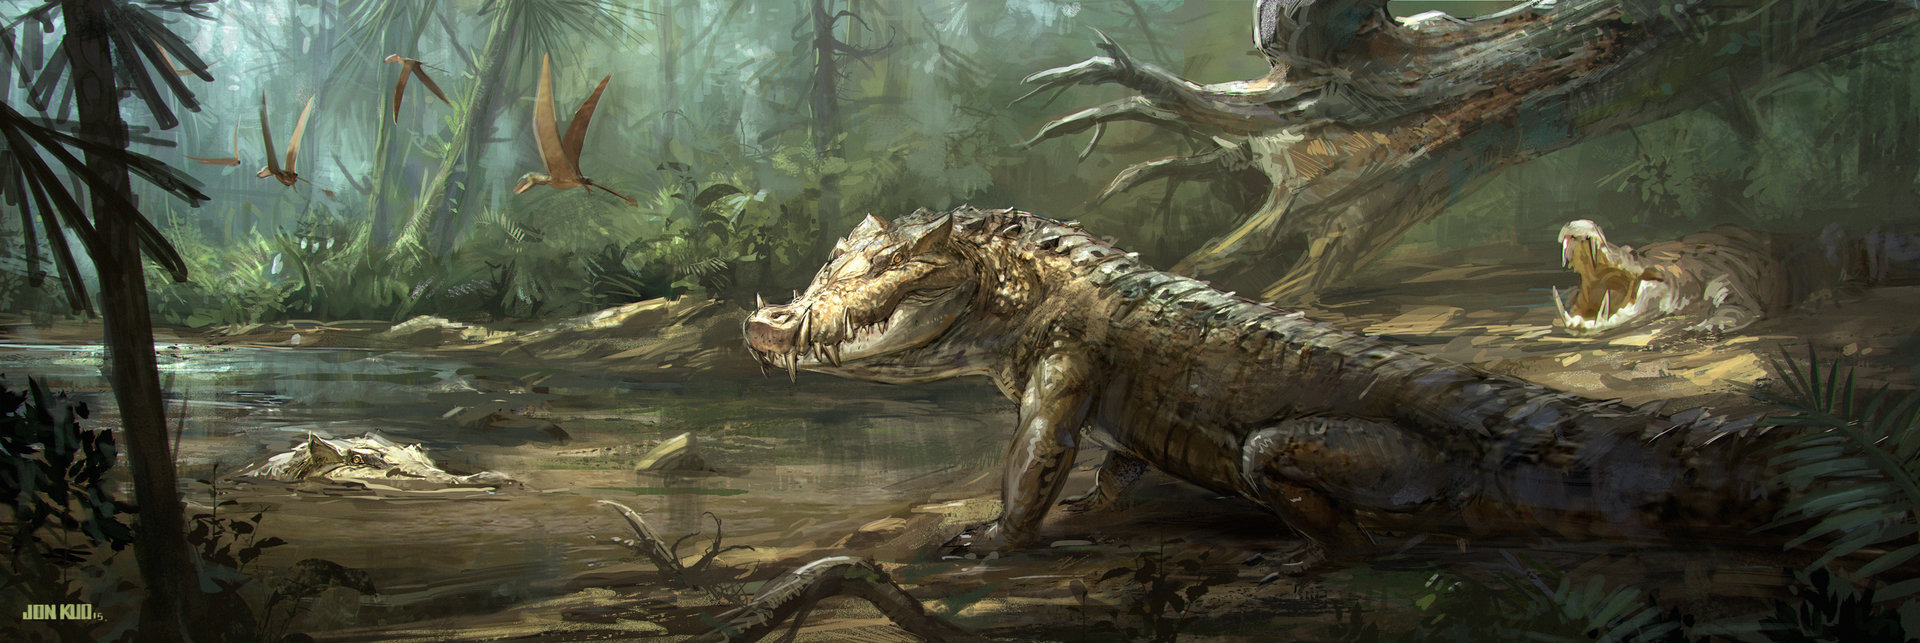 Jonathan kuo boar croc4